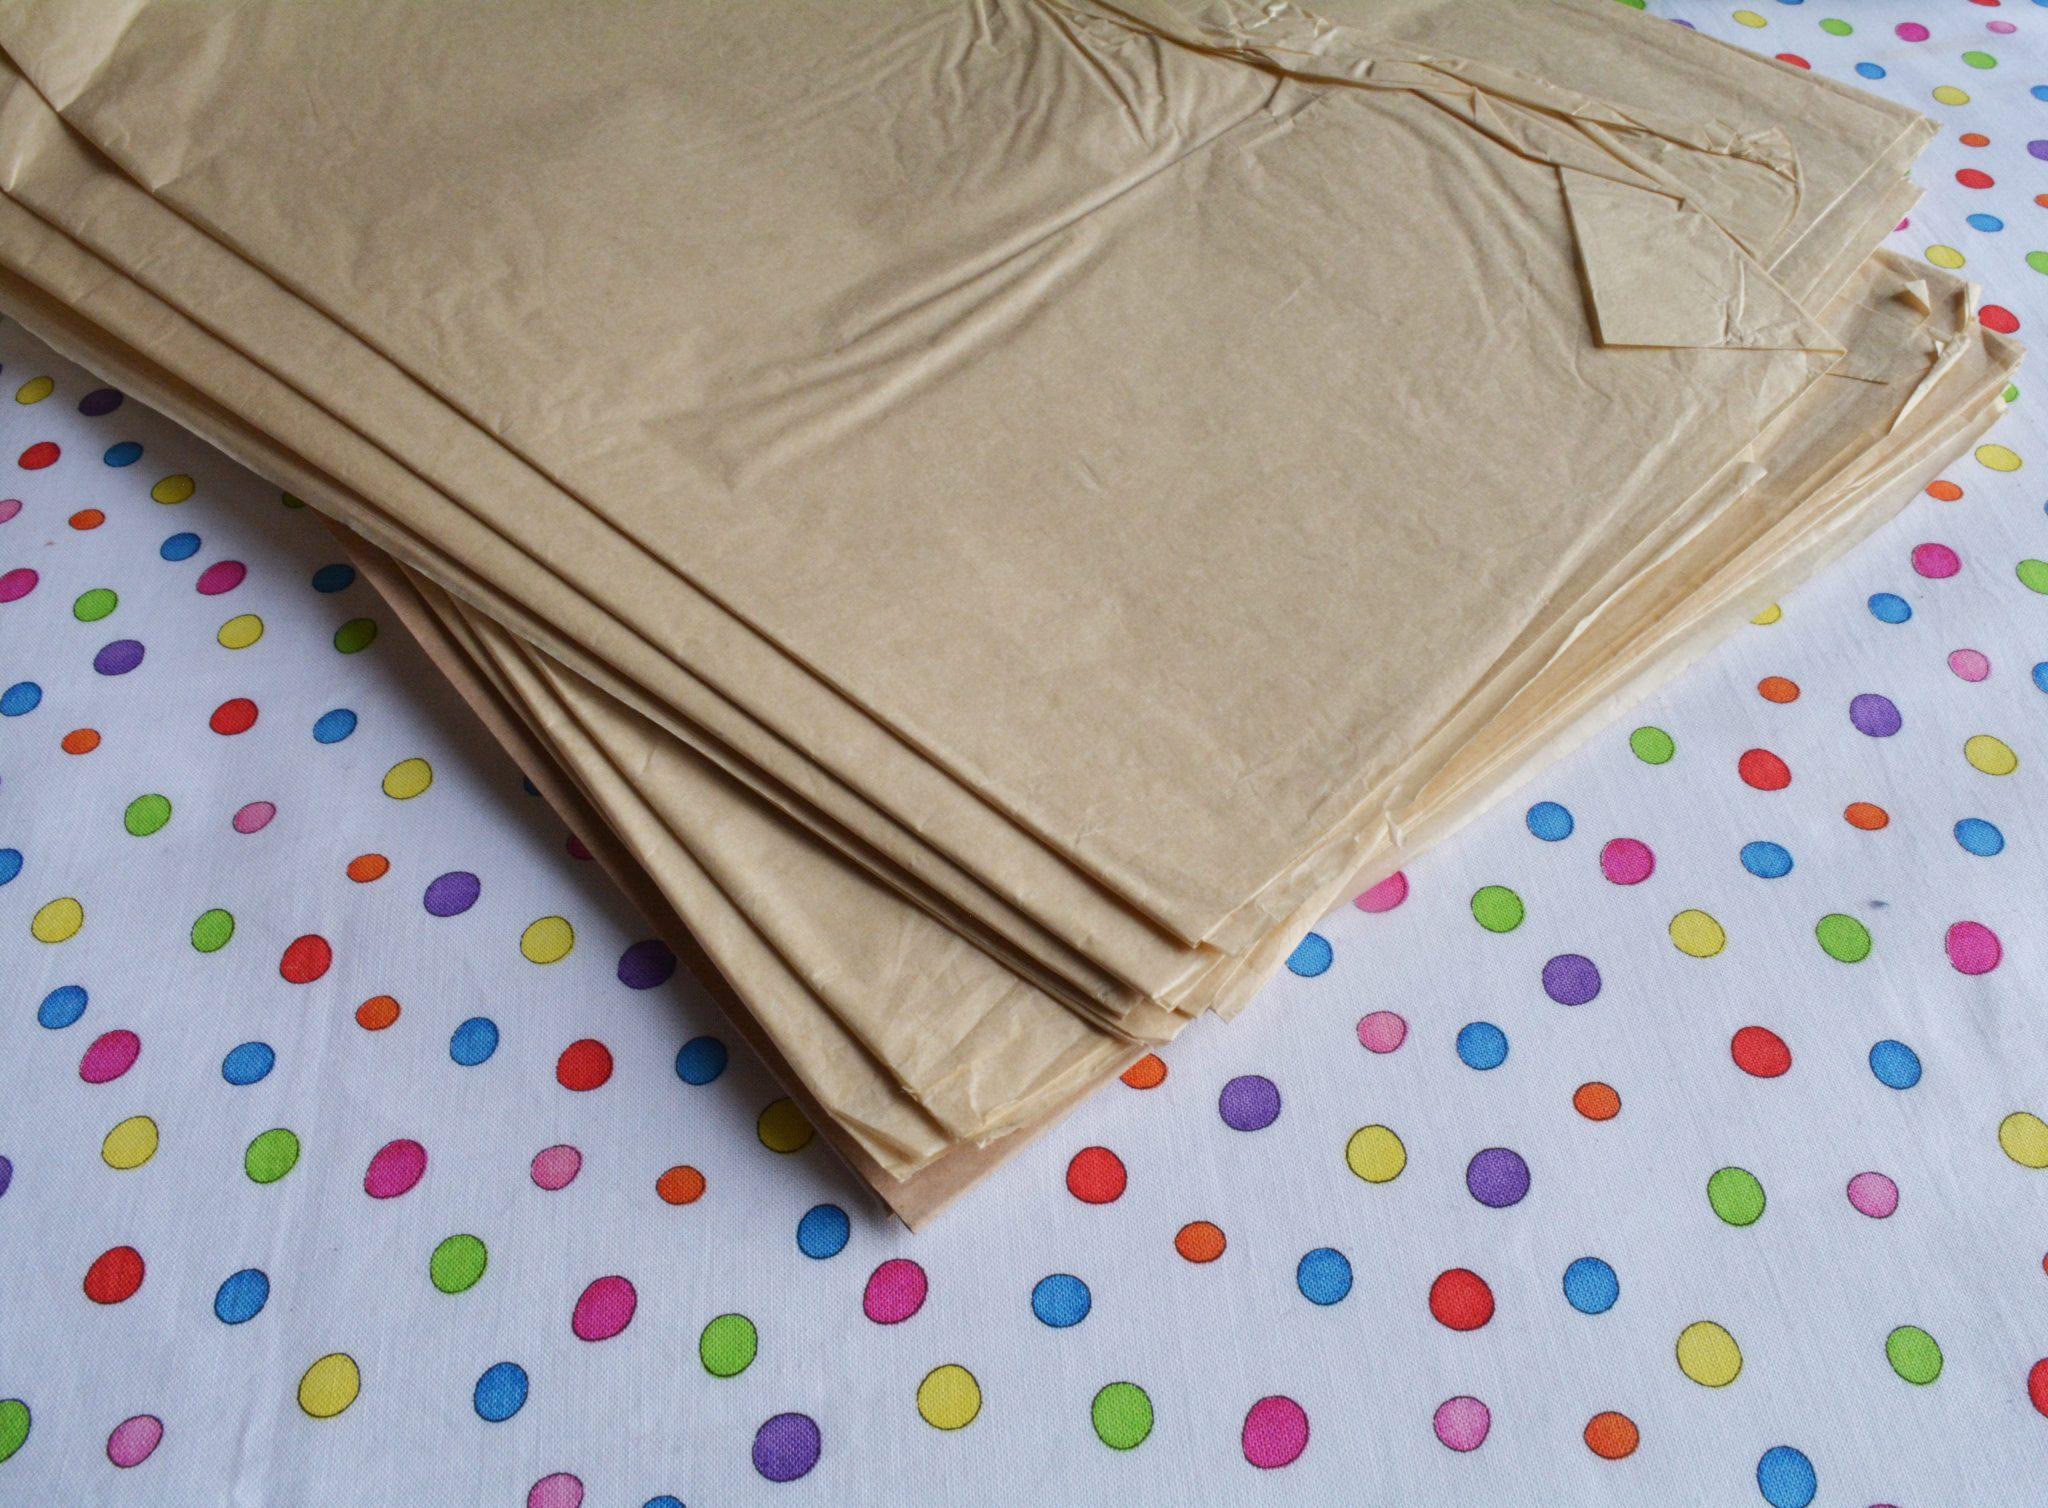 352fa3ac0 Papel de molde: Es un papel fino de textura sedosa y muy delicado. Se  desgarra fácilmente. No lo recomiendo para el trazado de las  transformaciones.